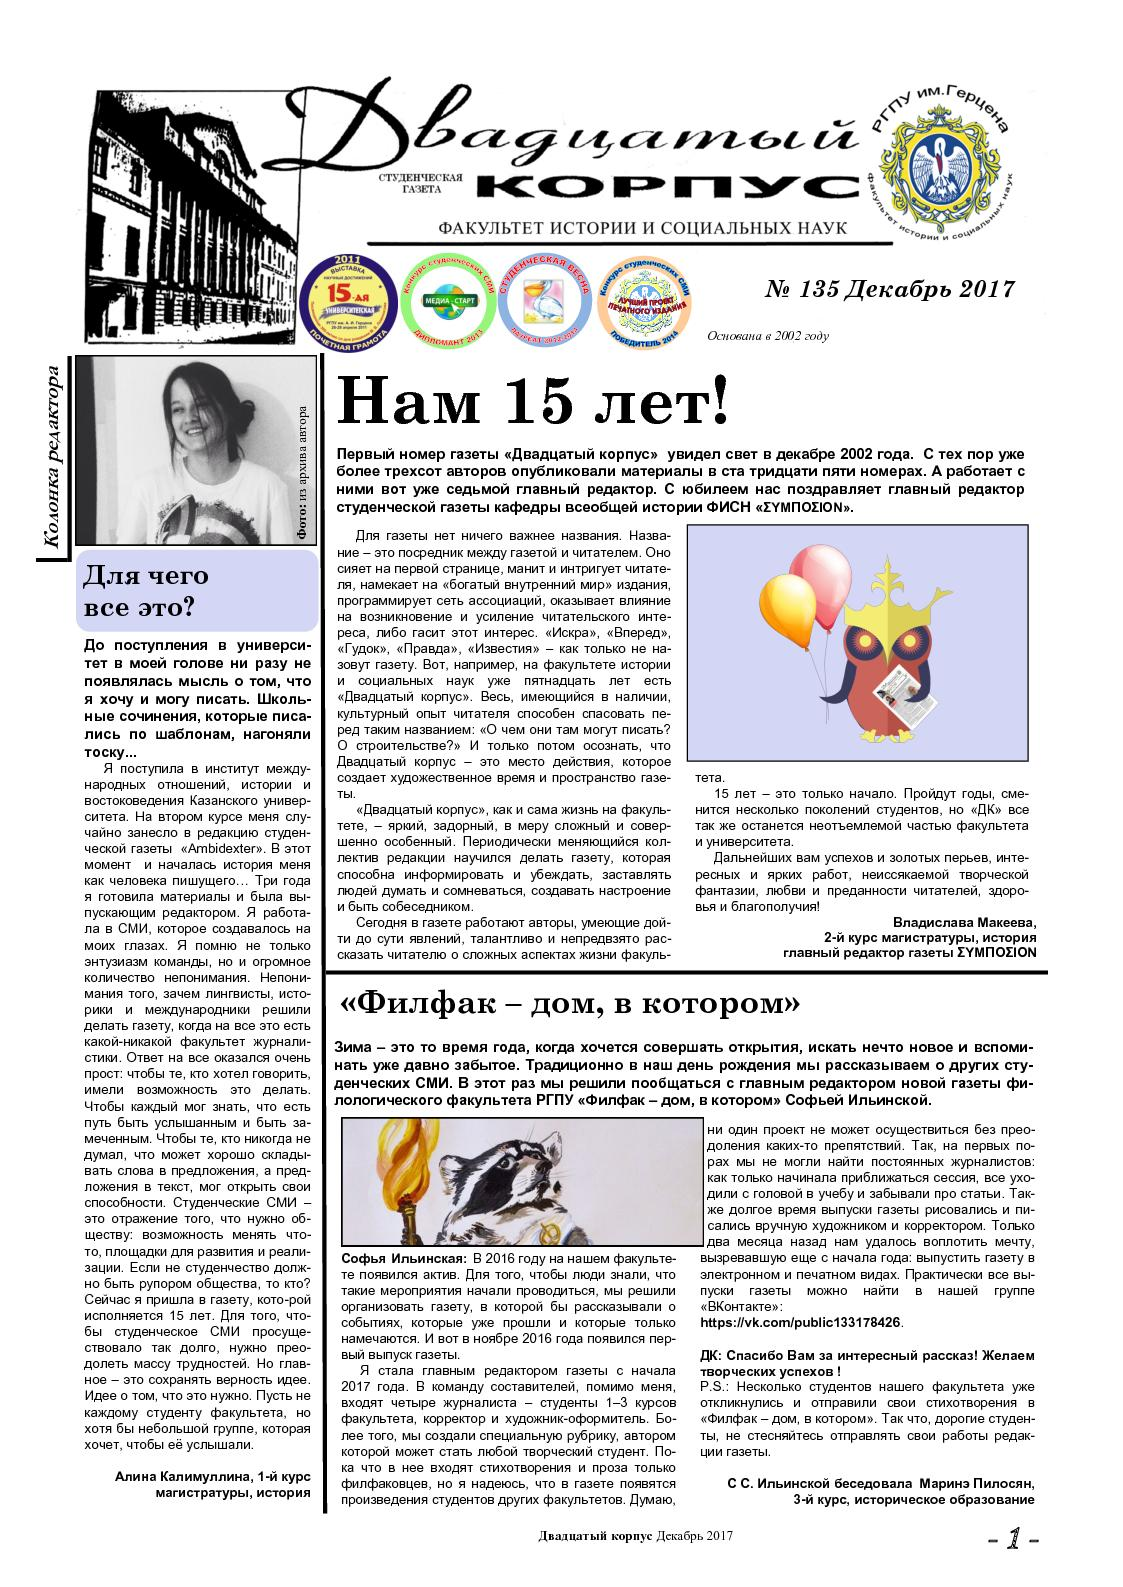 Поздравление редактора газеты с днем рождения 1